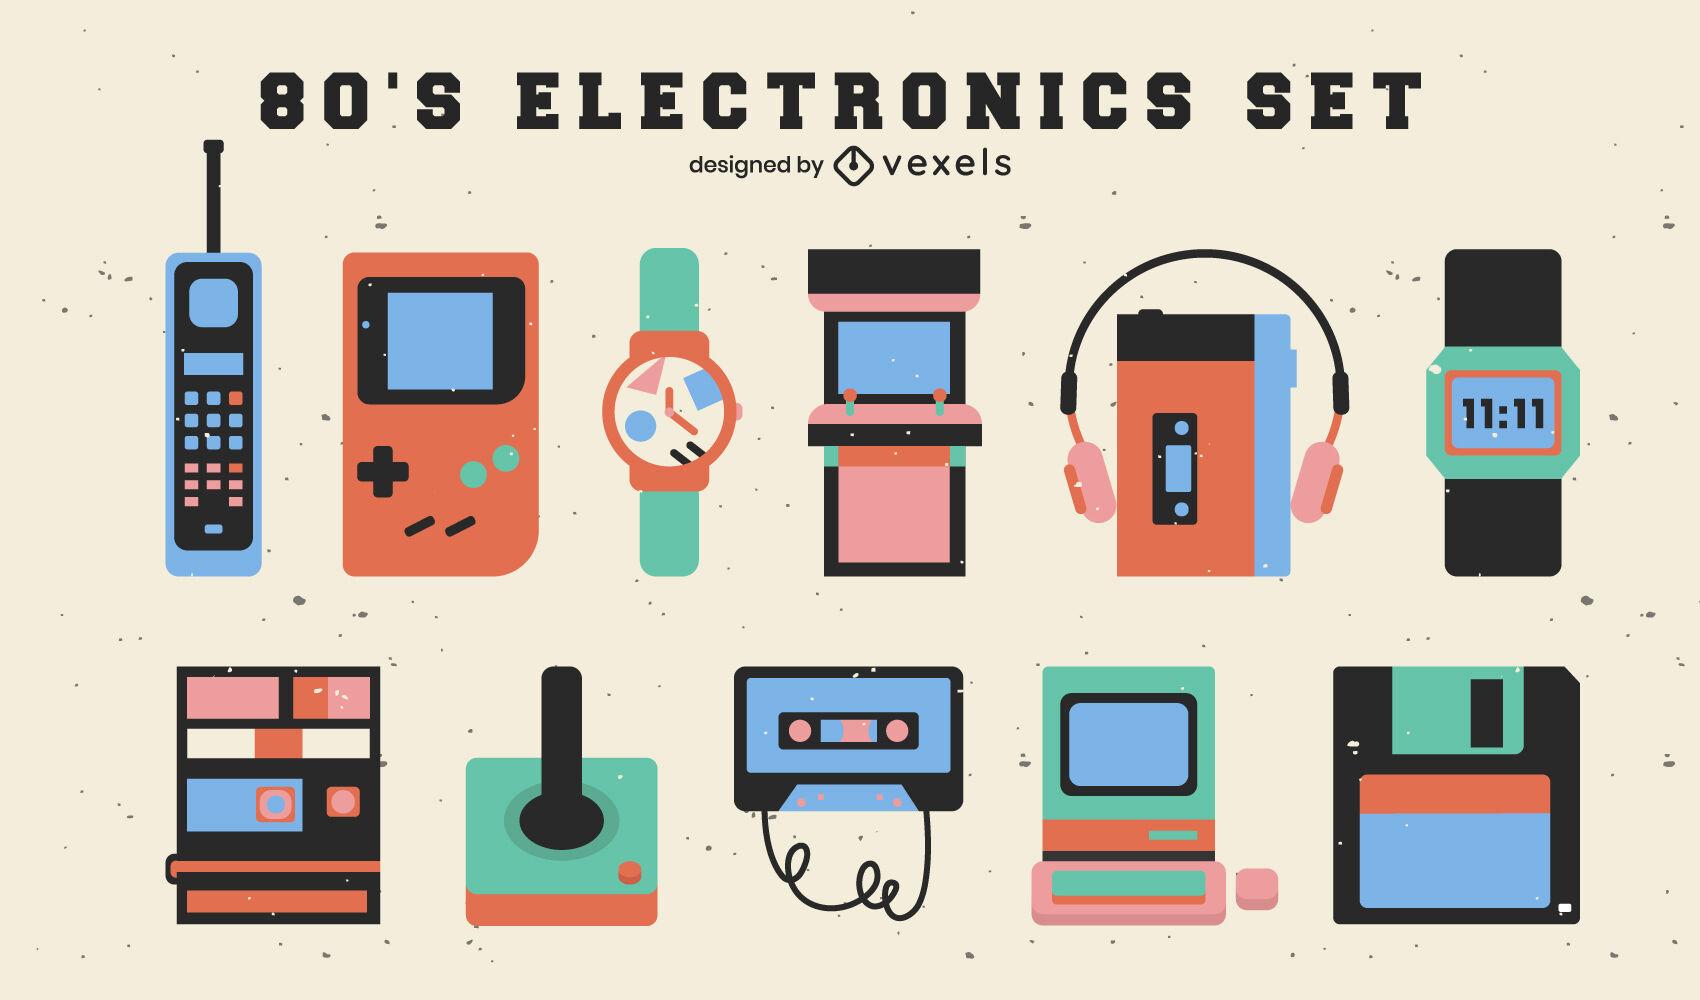 Elementos electr?nicos del set plano de los 80.